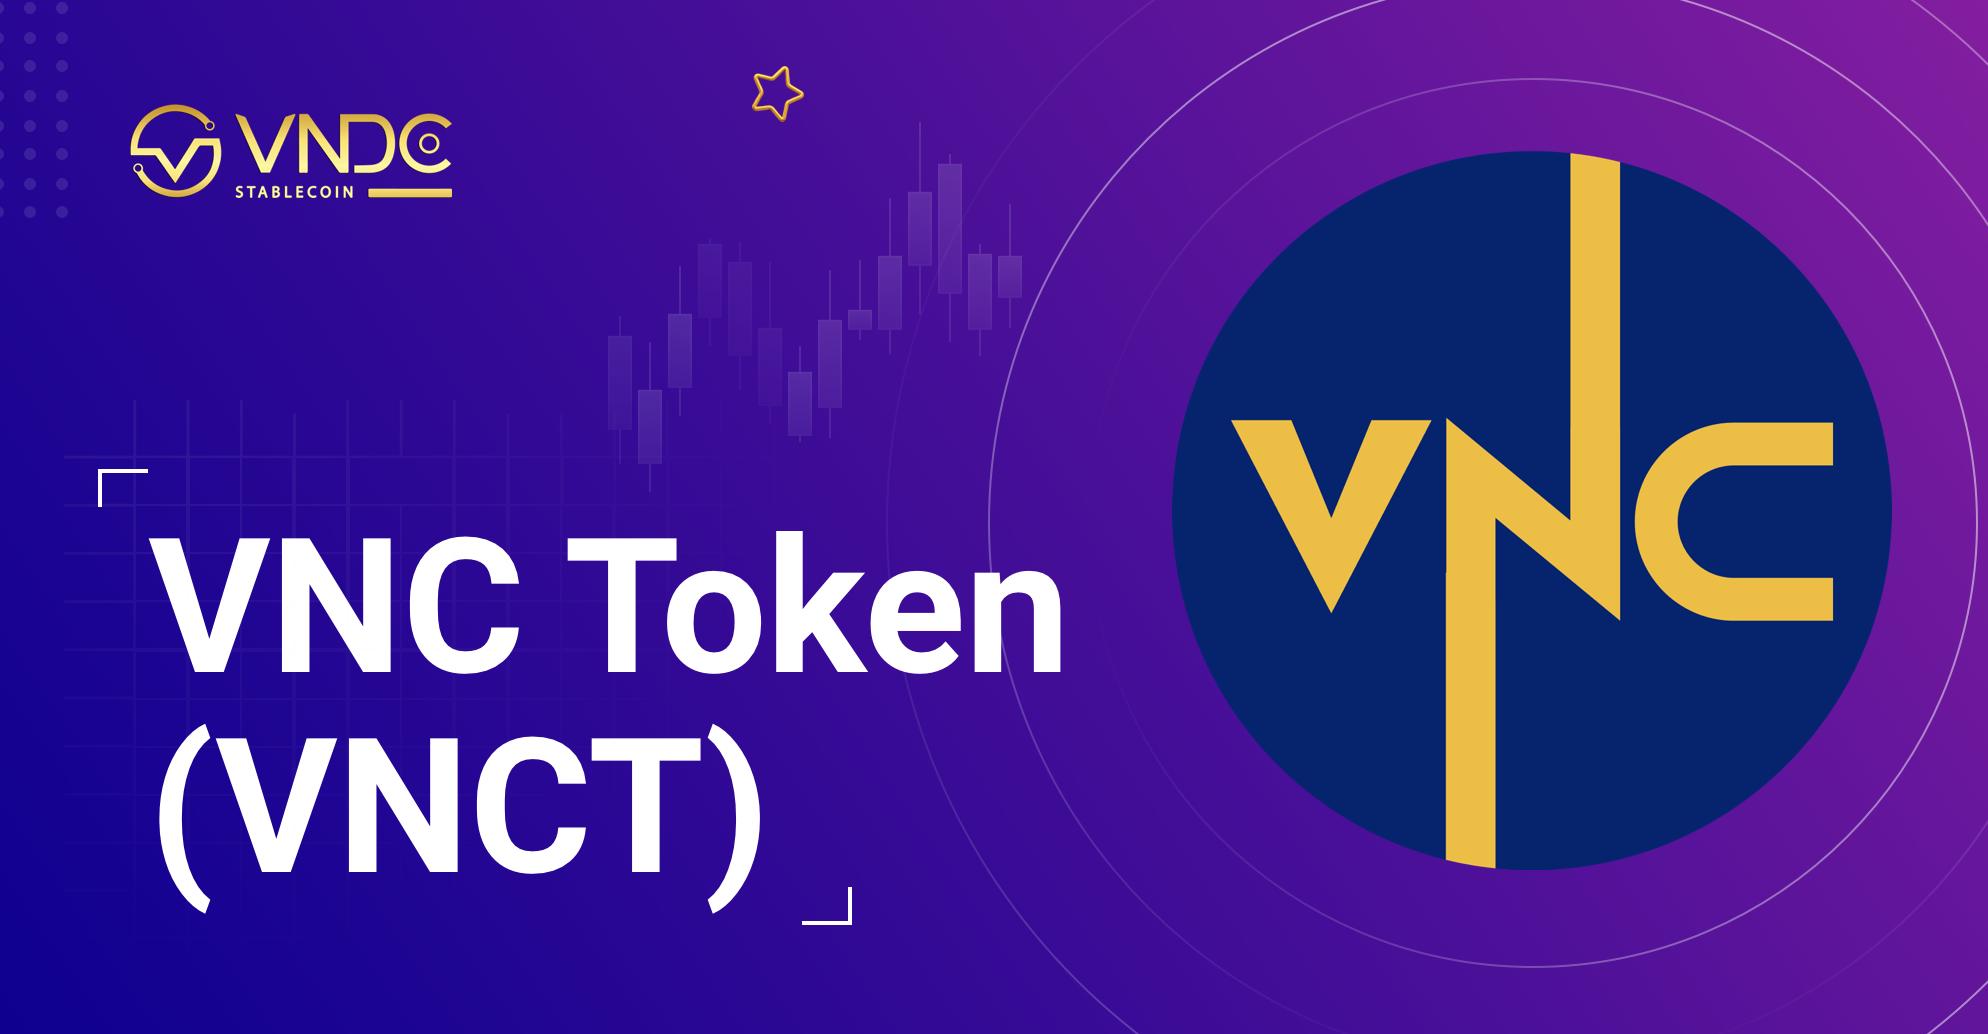 Thông báo: Kế hoạch mở bán VNC Token (VNCT) qua VNDC Launchpad